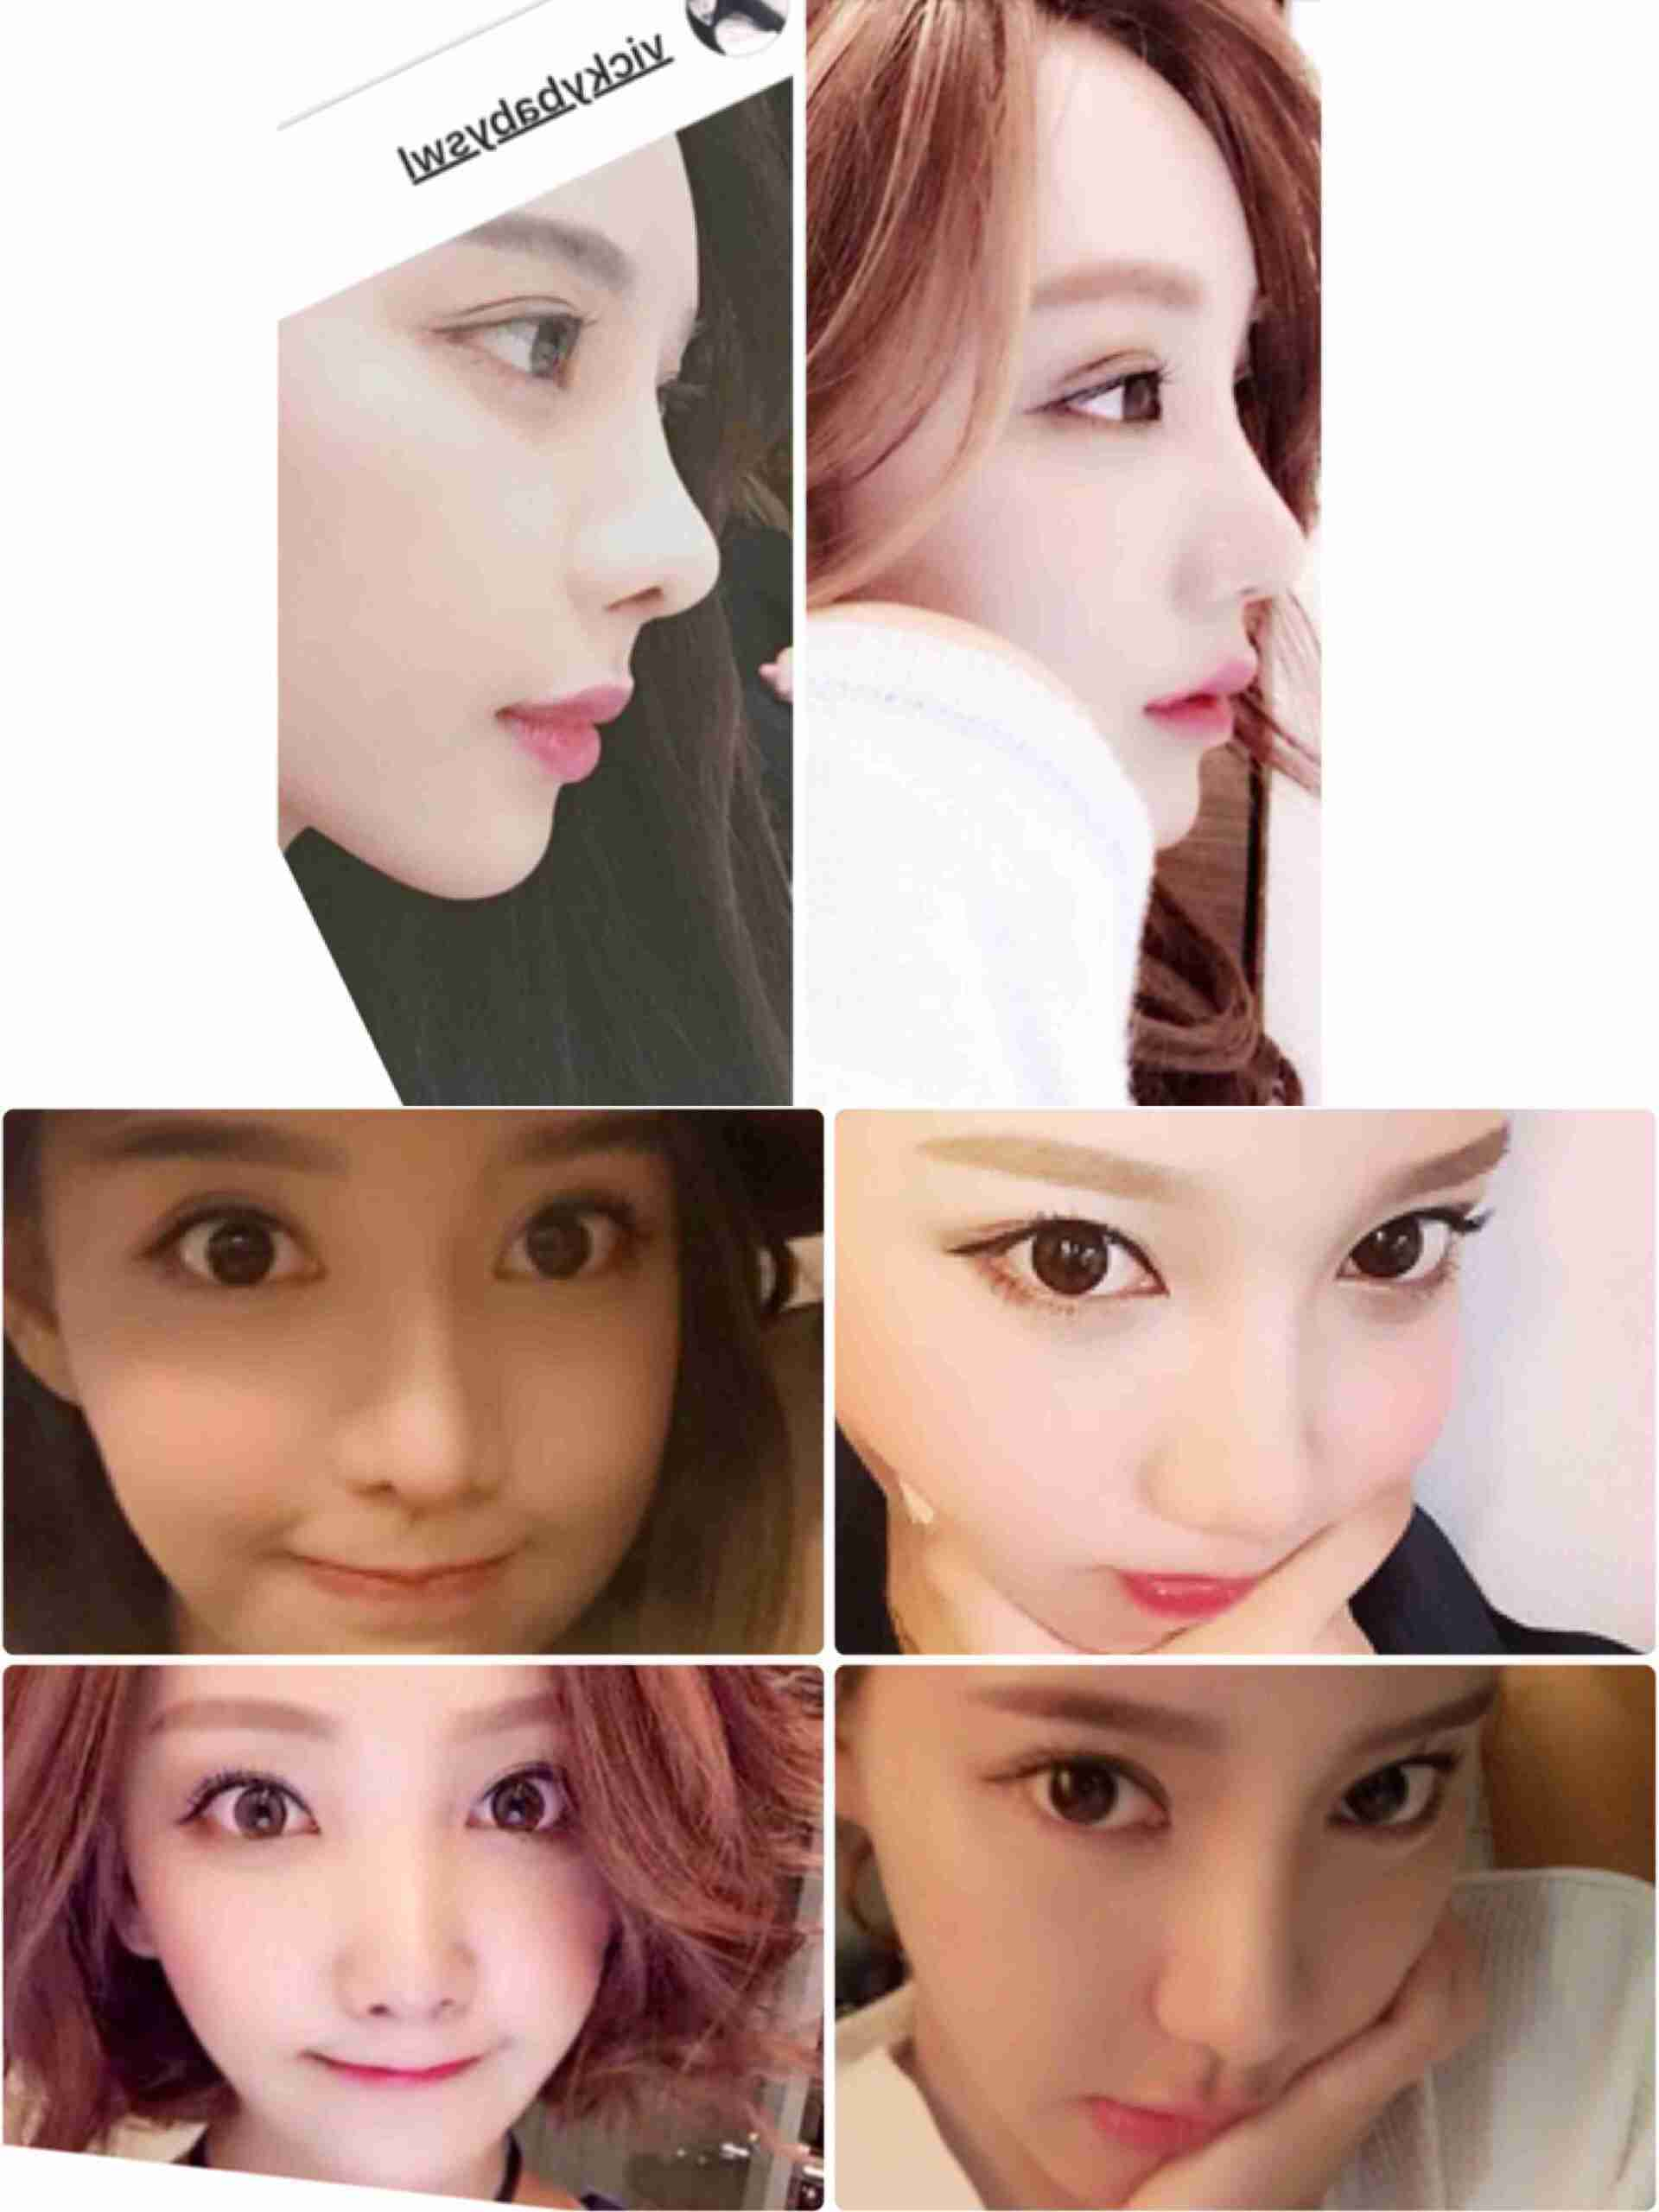 左上:中国人モデル、右上:ざわちんSNS : 『自称:オリジナル』ざわ ...